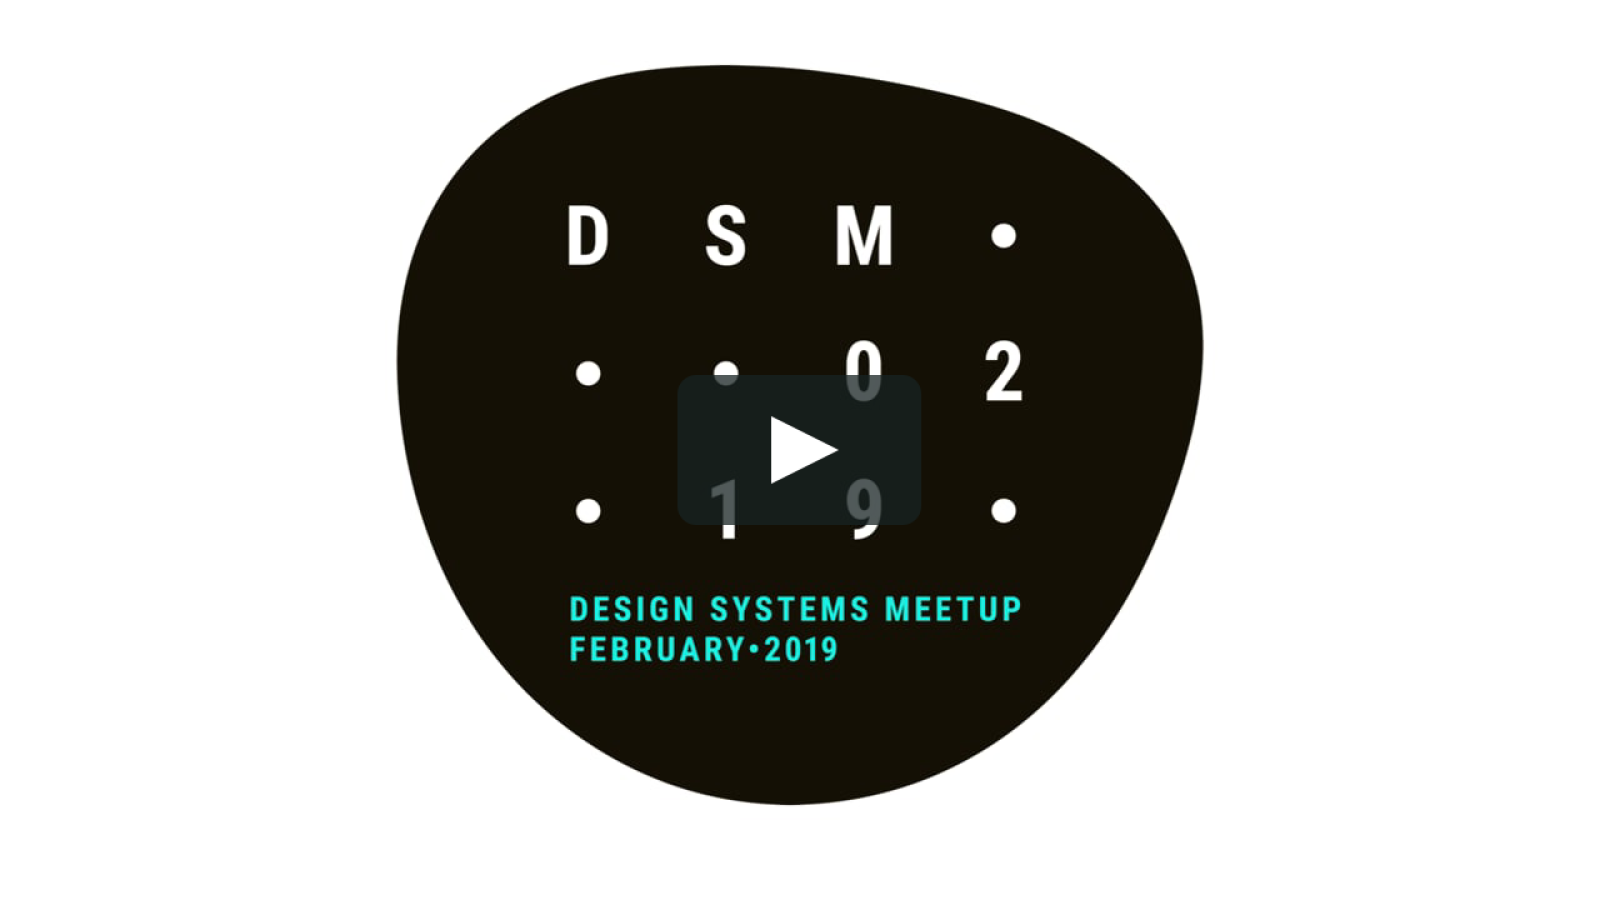 Ruter Design System - A design system for public transport